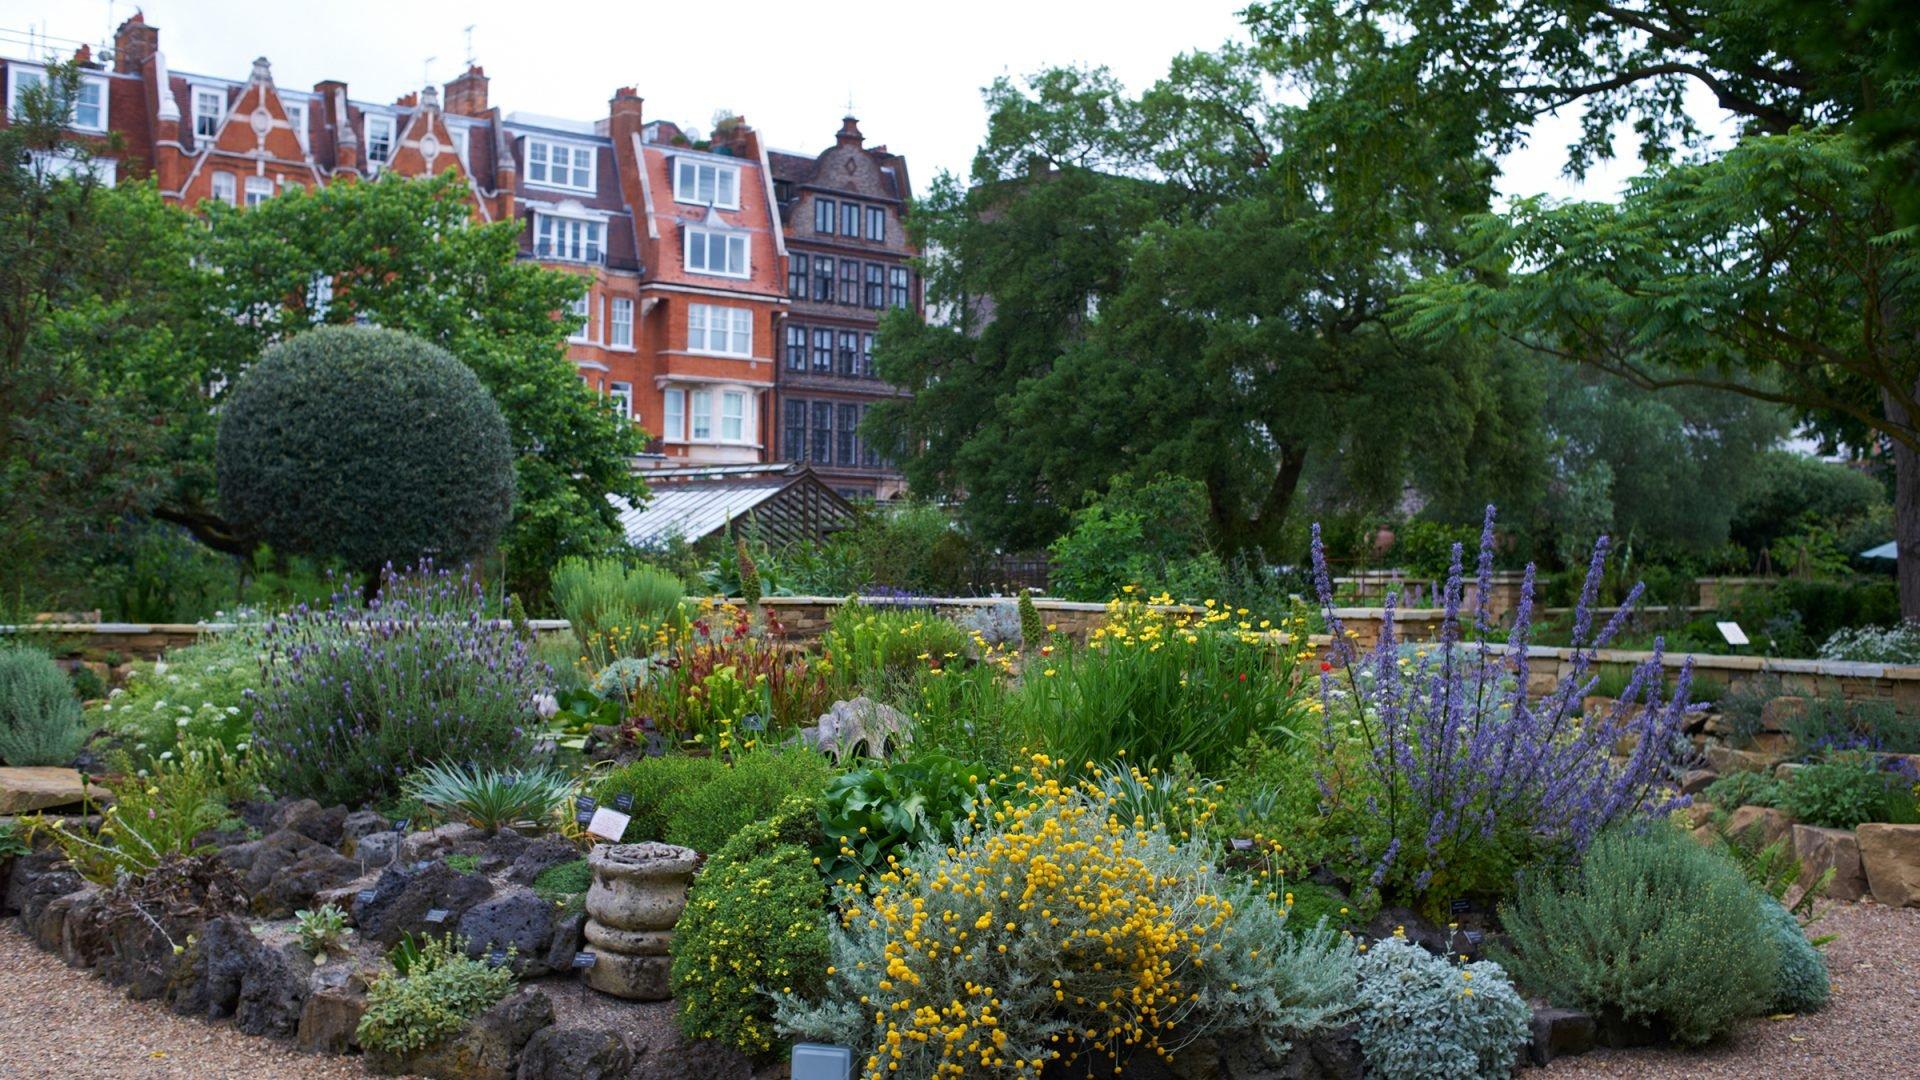 chelsea physic garden dorchester collection summer garden 2019 ideas what to do